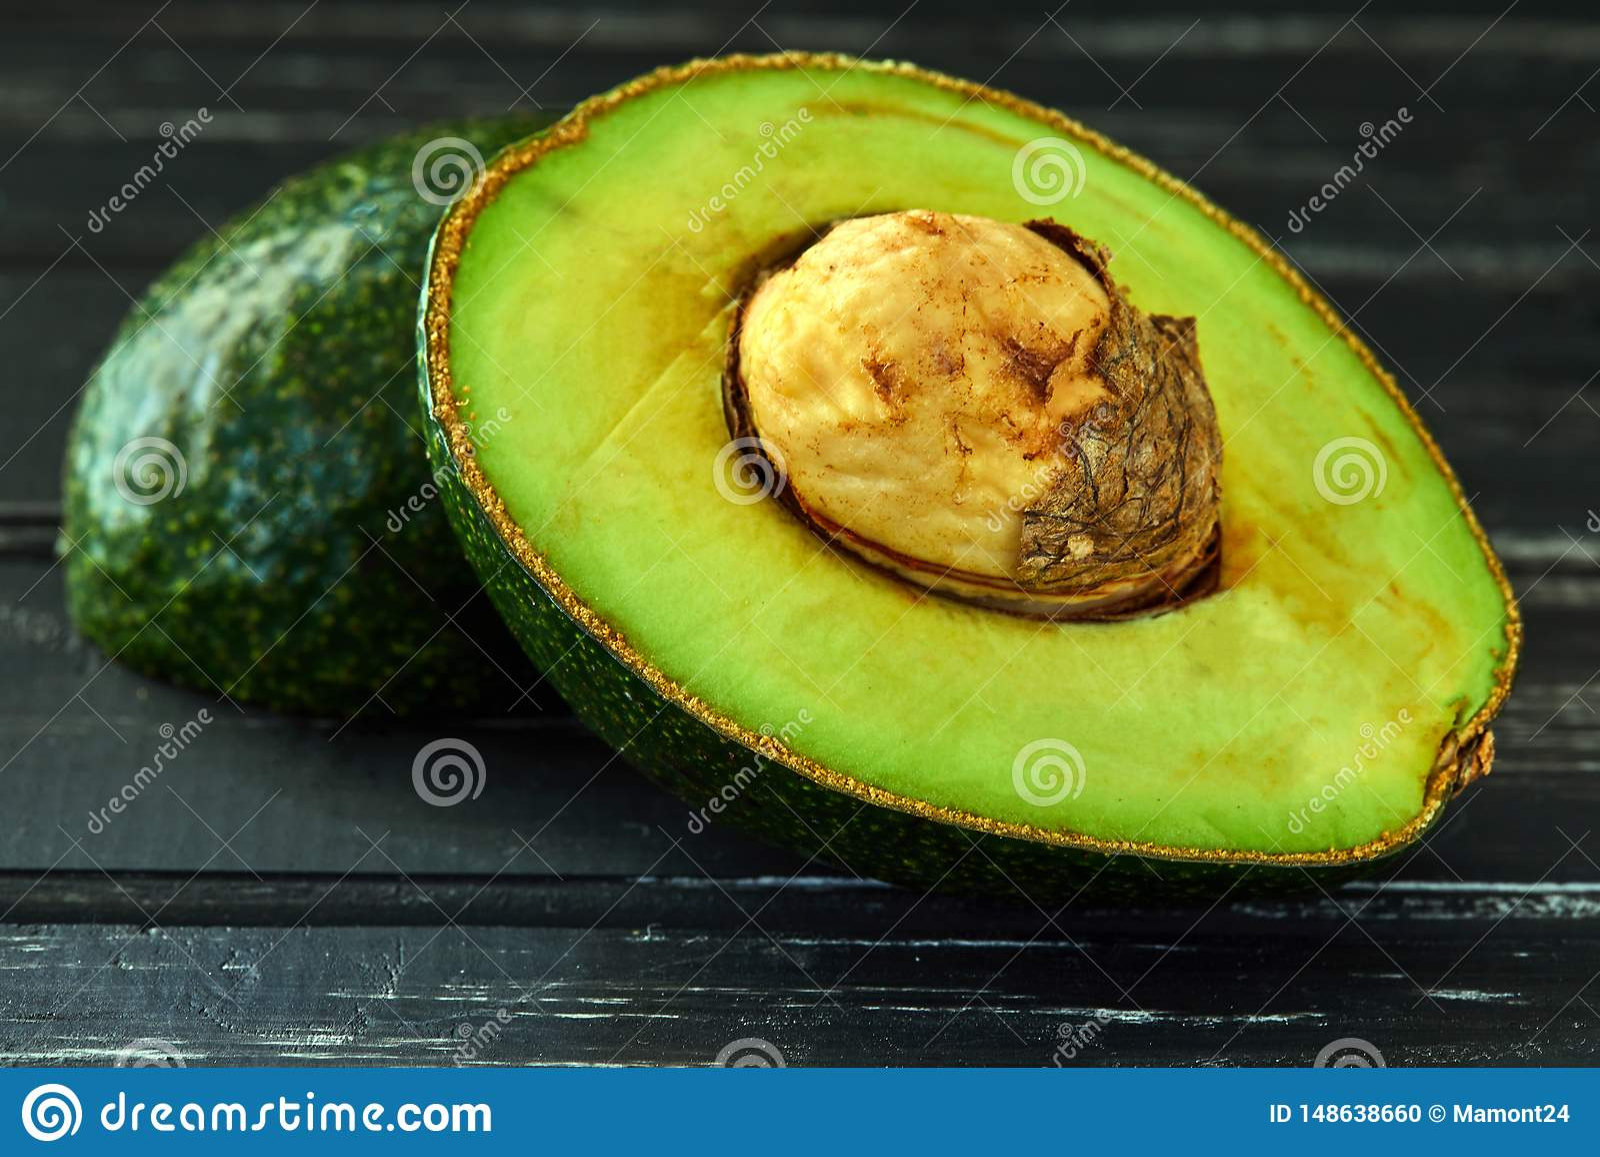 Healthy food concept, fresh avocado